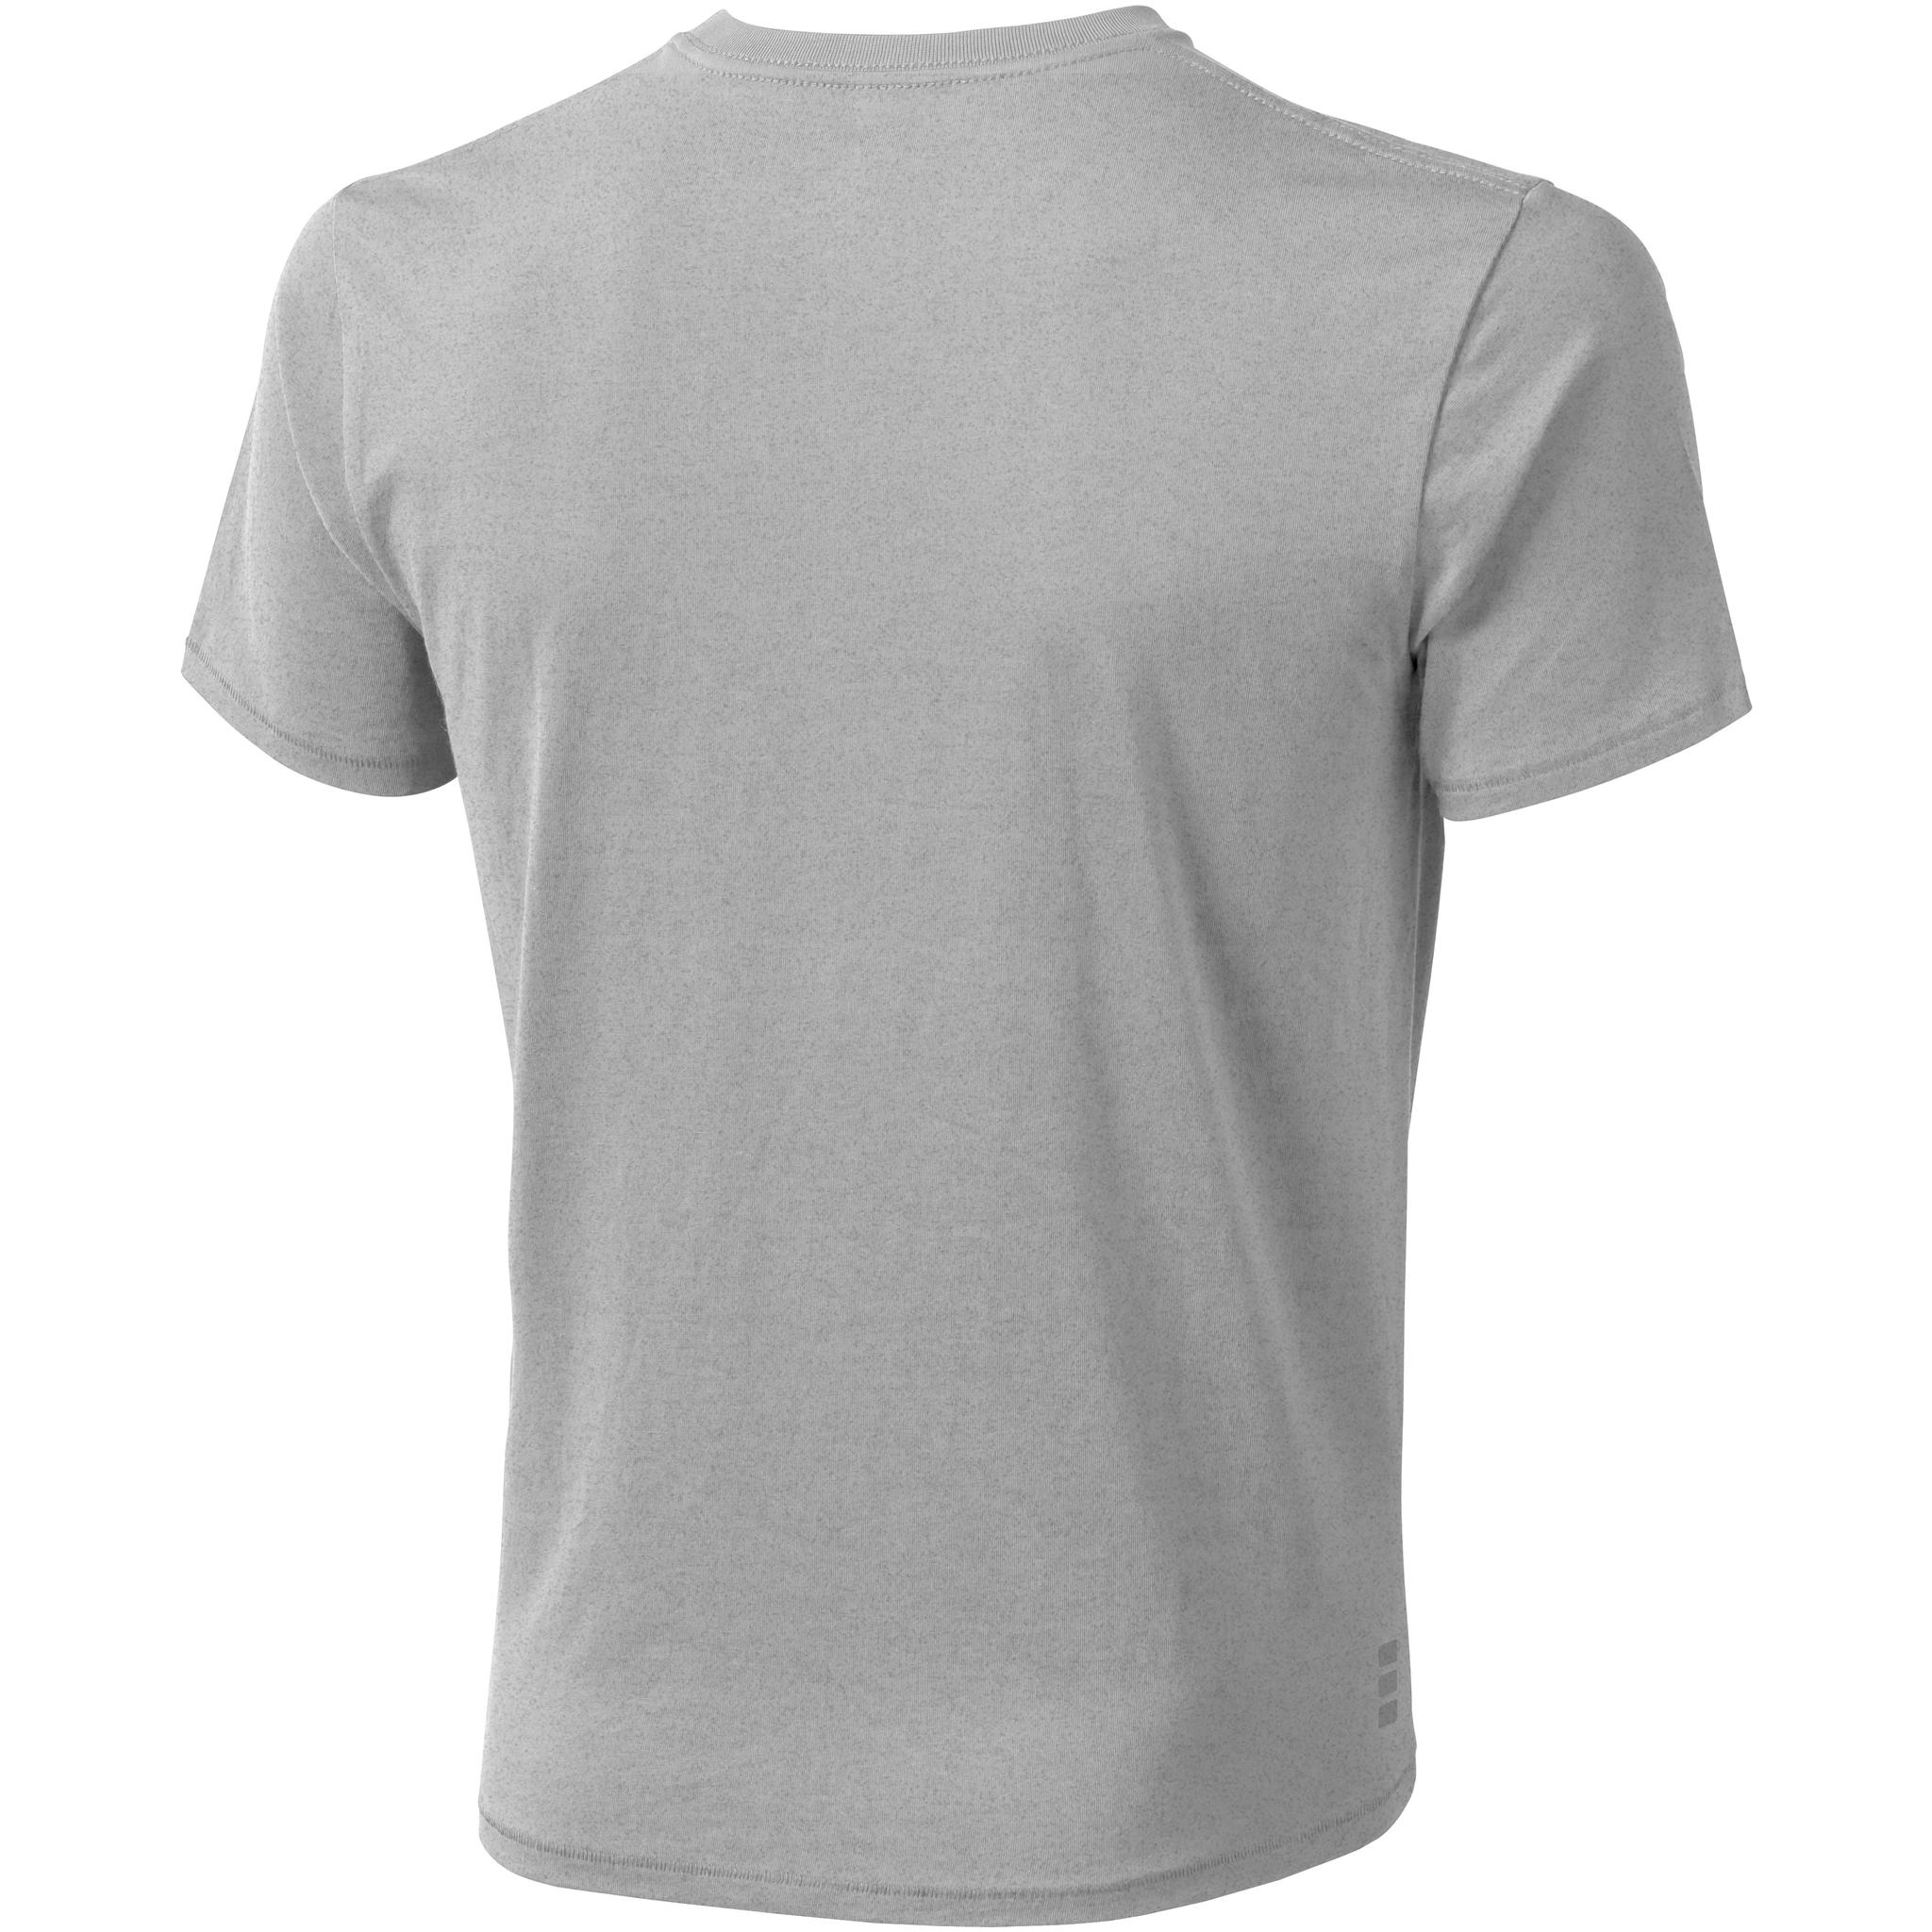 baaca44c Elevate-Mens-Nanaimo-Short-Sleeve-T-Shirt-PF1807 thumbnail